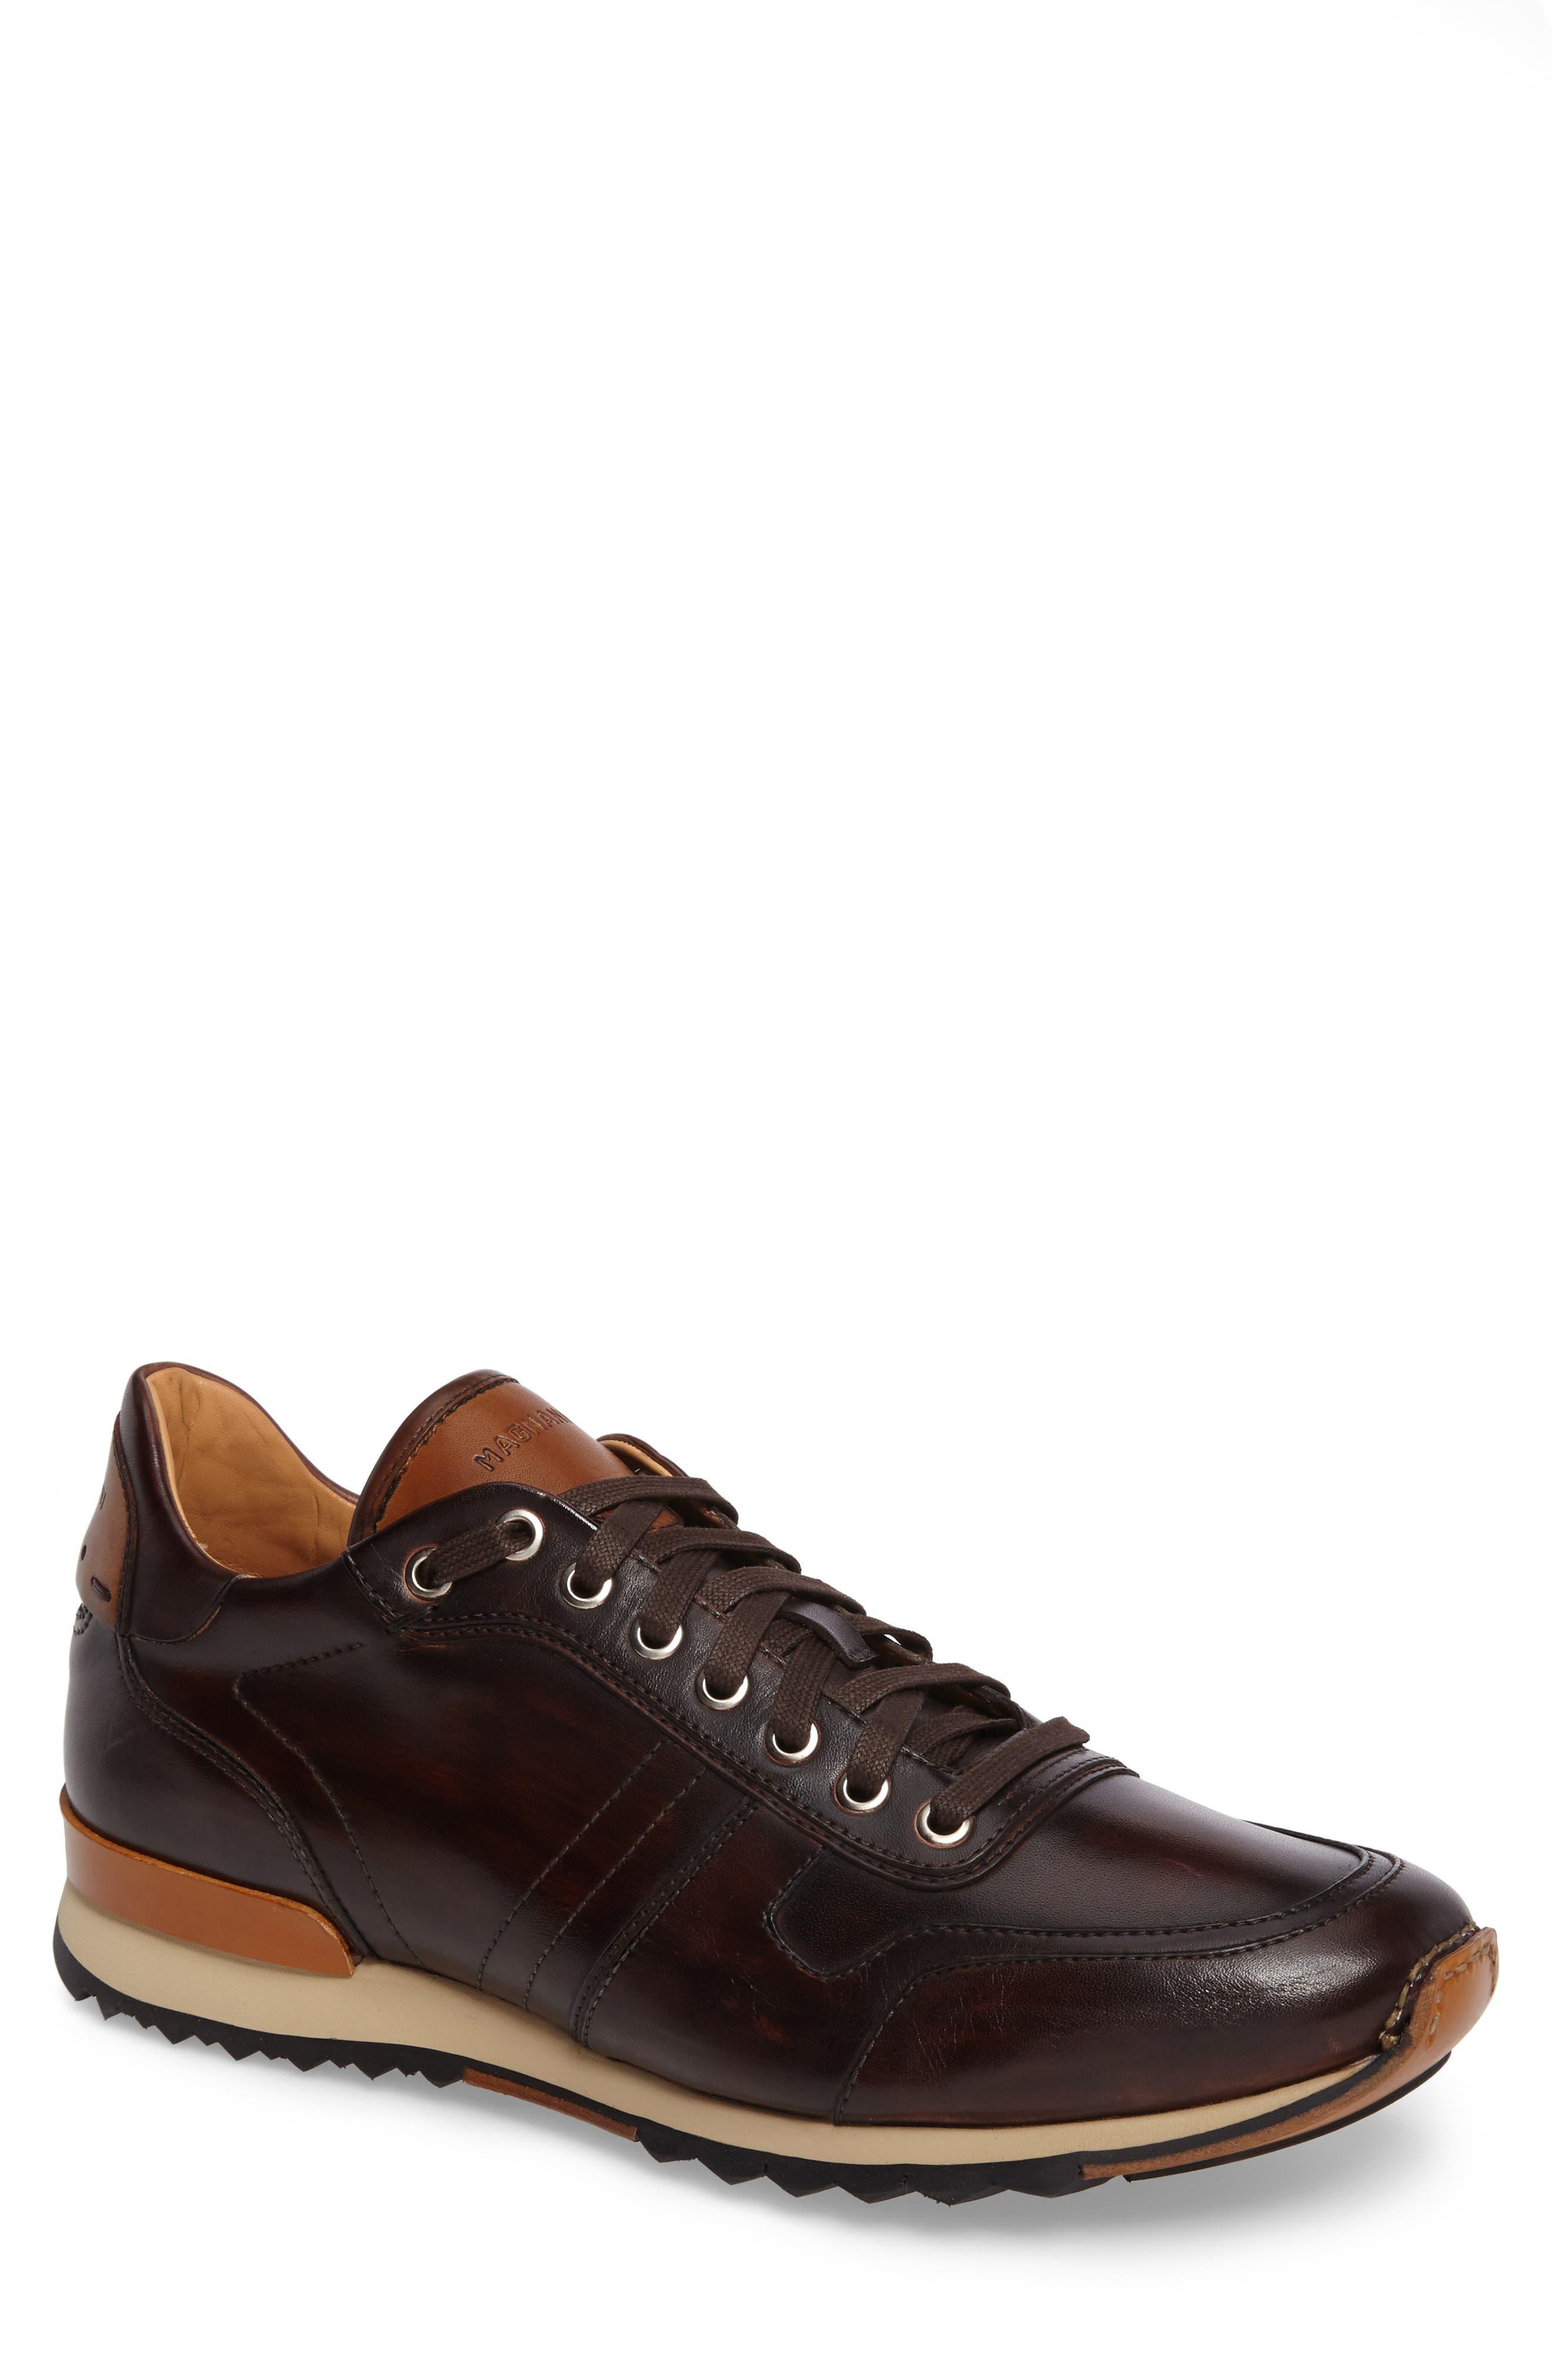 Galio Sneaker,                         Main,                         color,